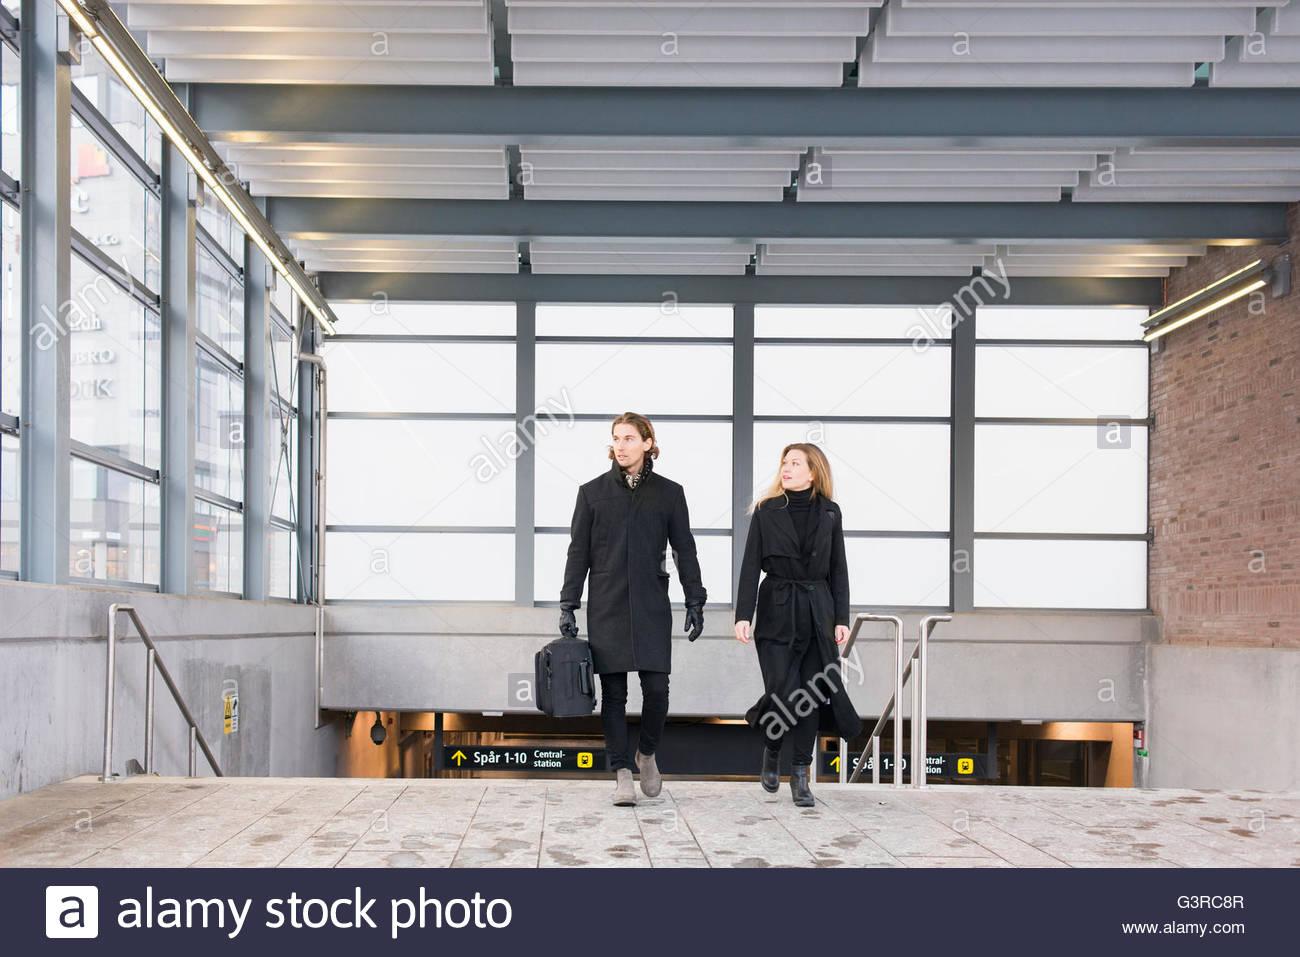 Suecia, Skane, Malmo, vista frontal de la pareja dejando la estación de metro Imagen De Stock